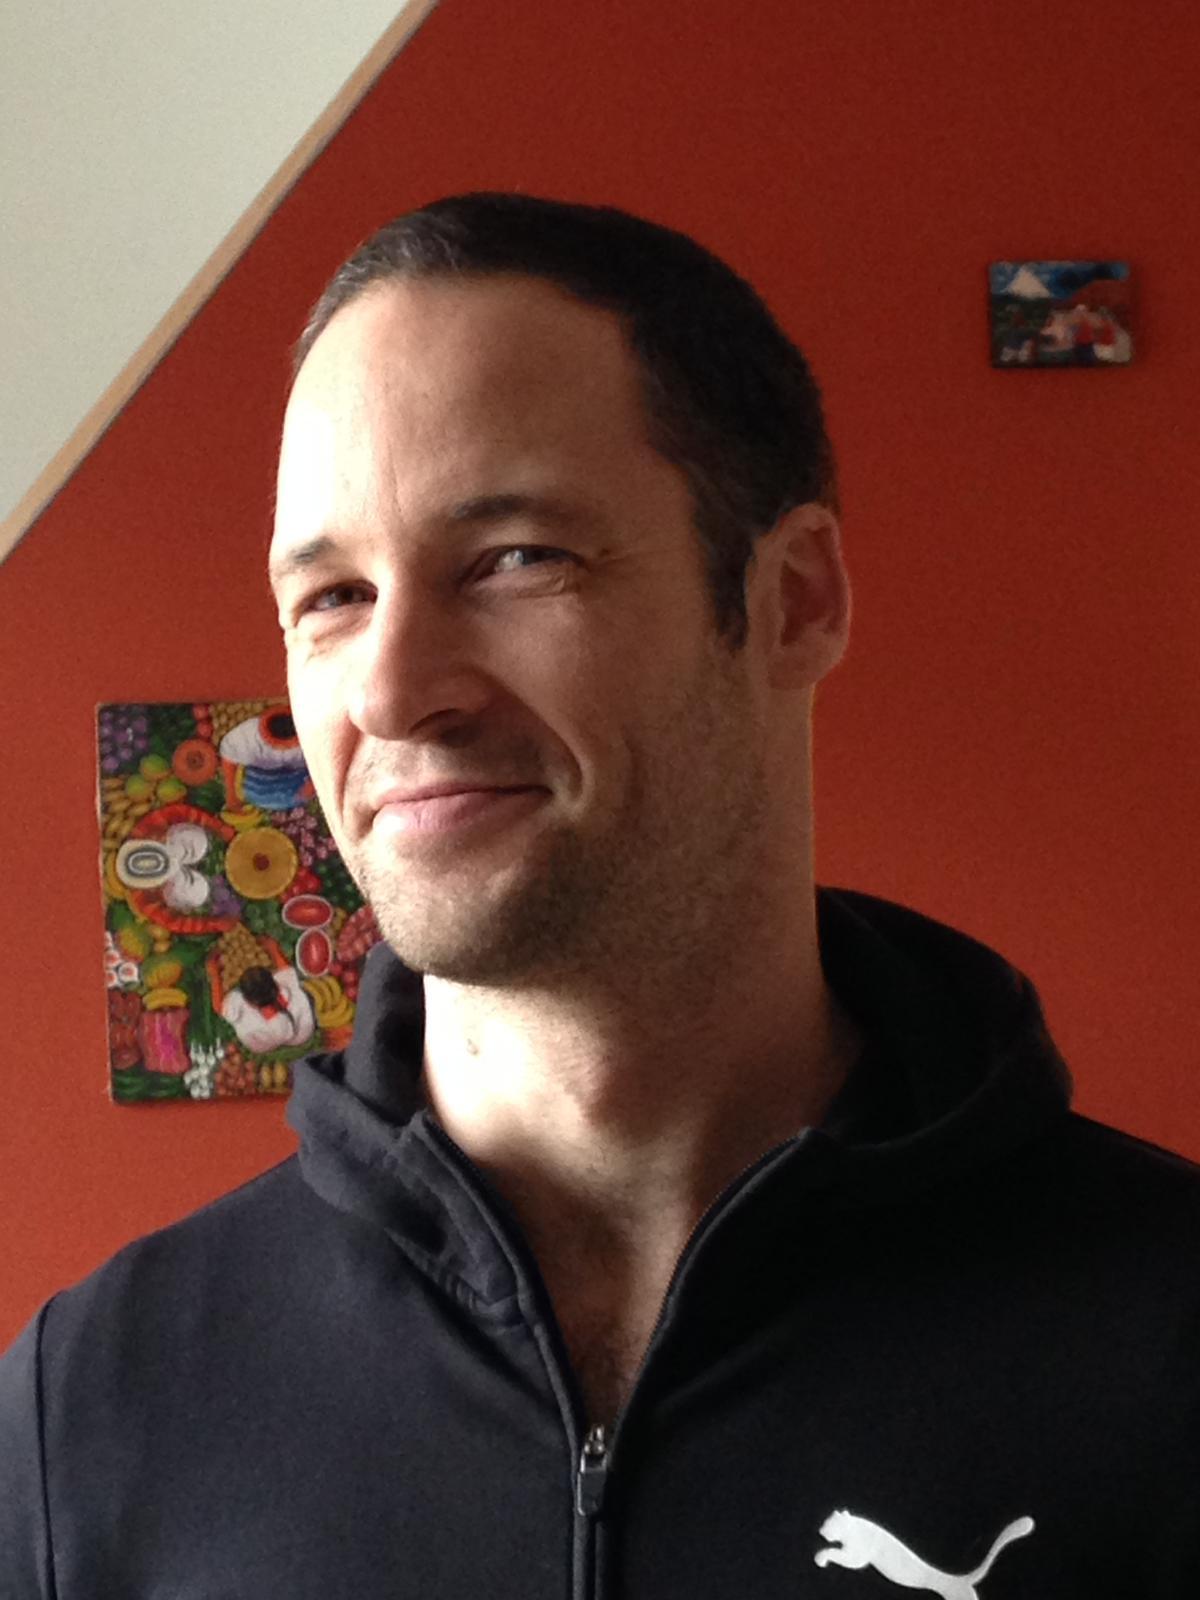 Christiaan Reinders